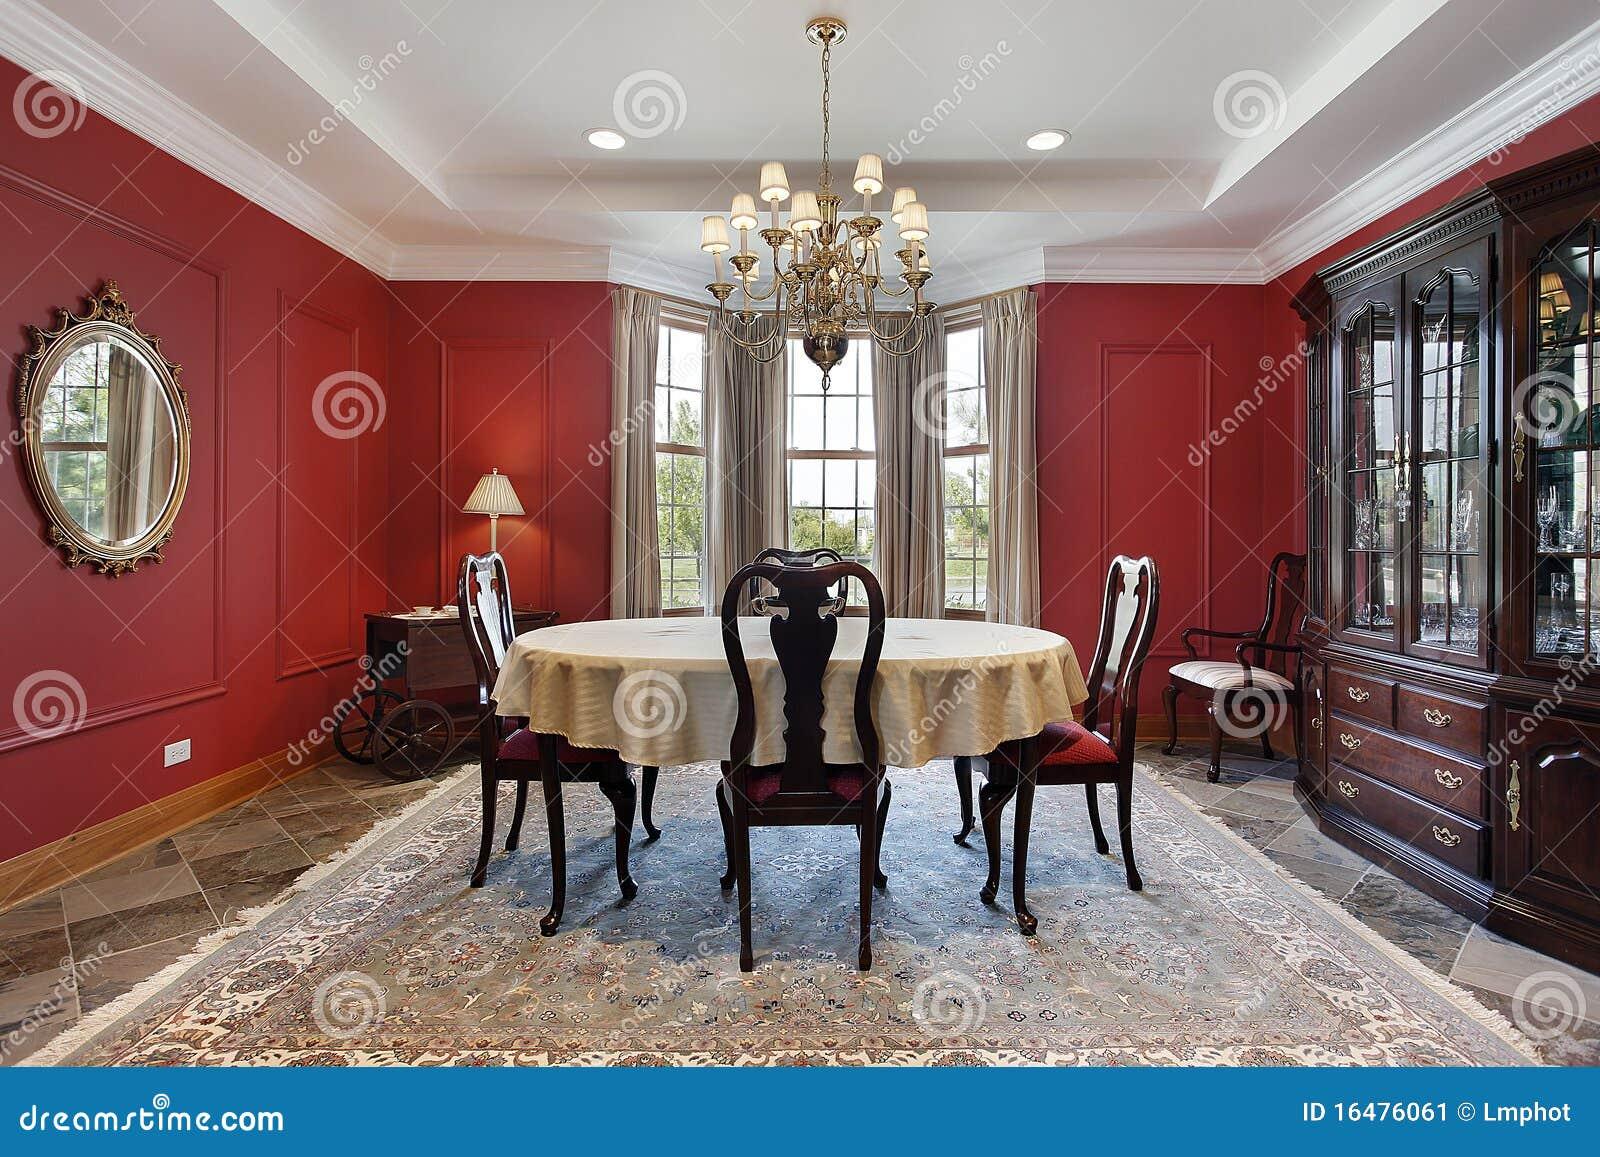 Esszimmer Mit Roten Wänden Stockbild   Bild: 16476061, Wohnzimmer Dekoo